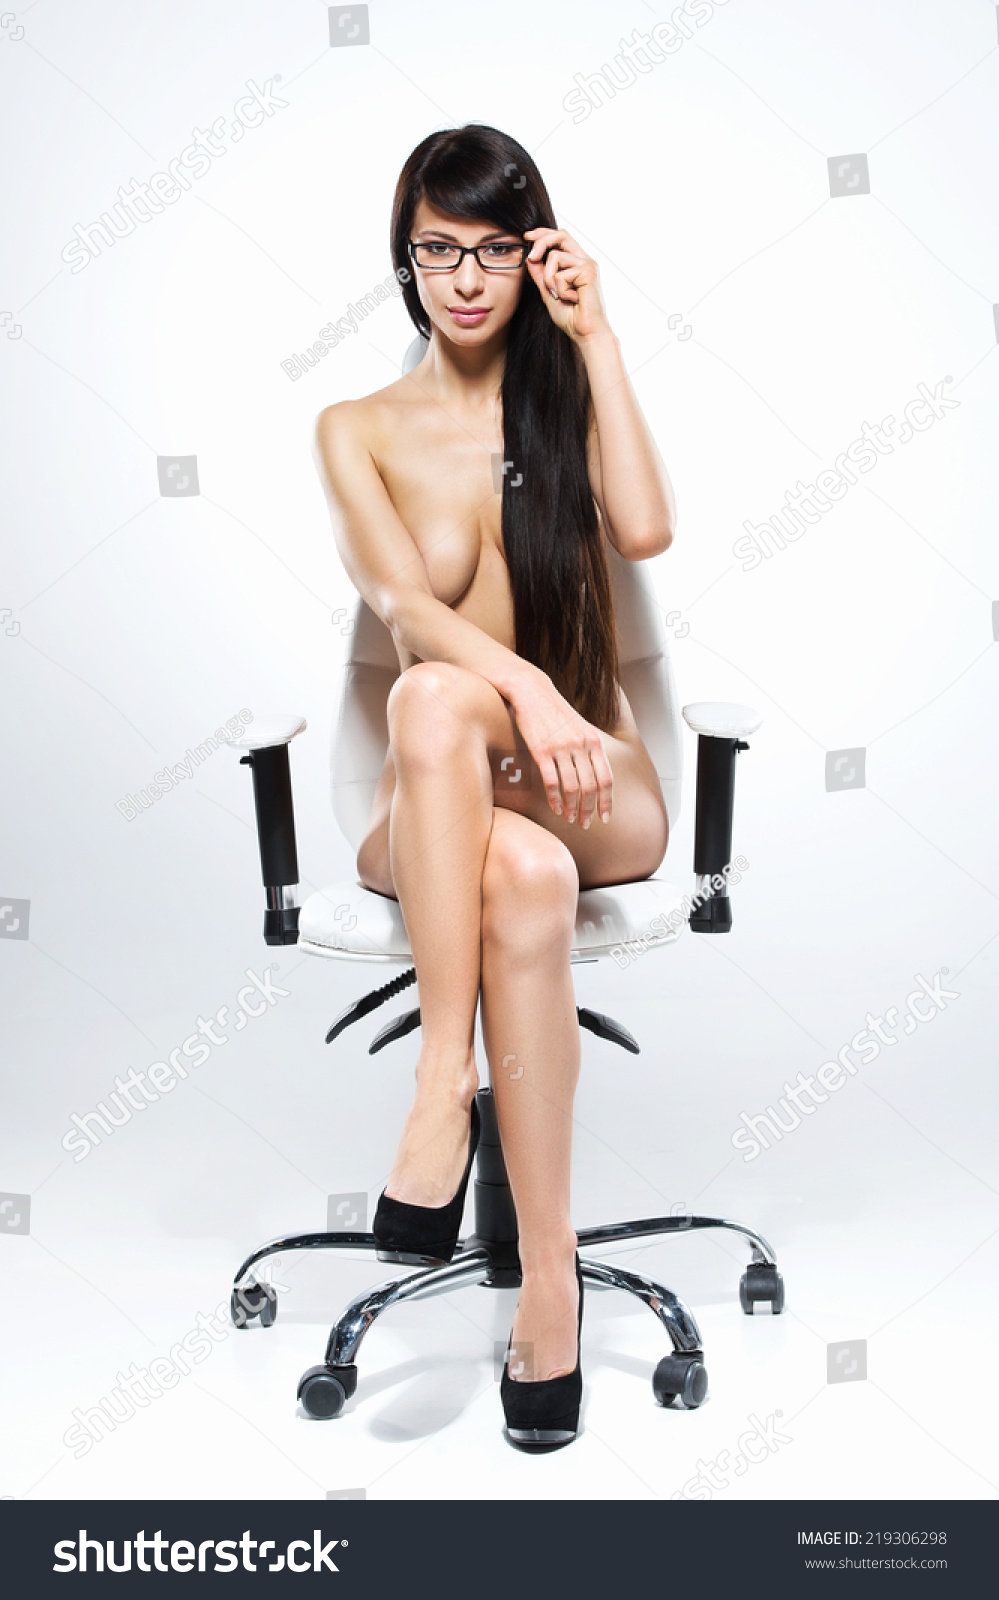 julia bond creampie nudes